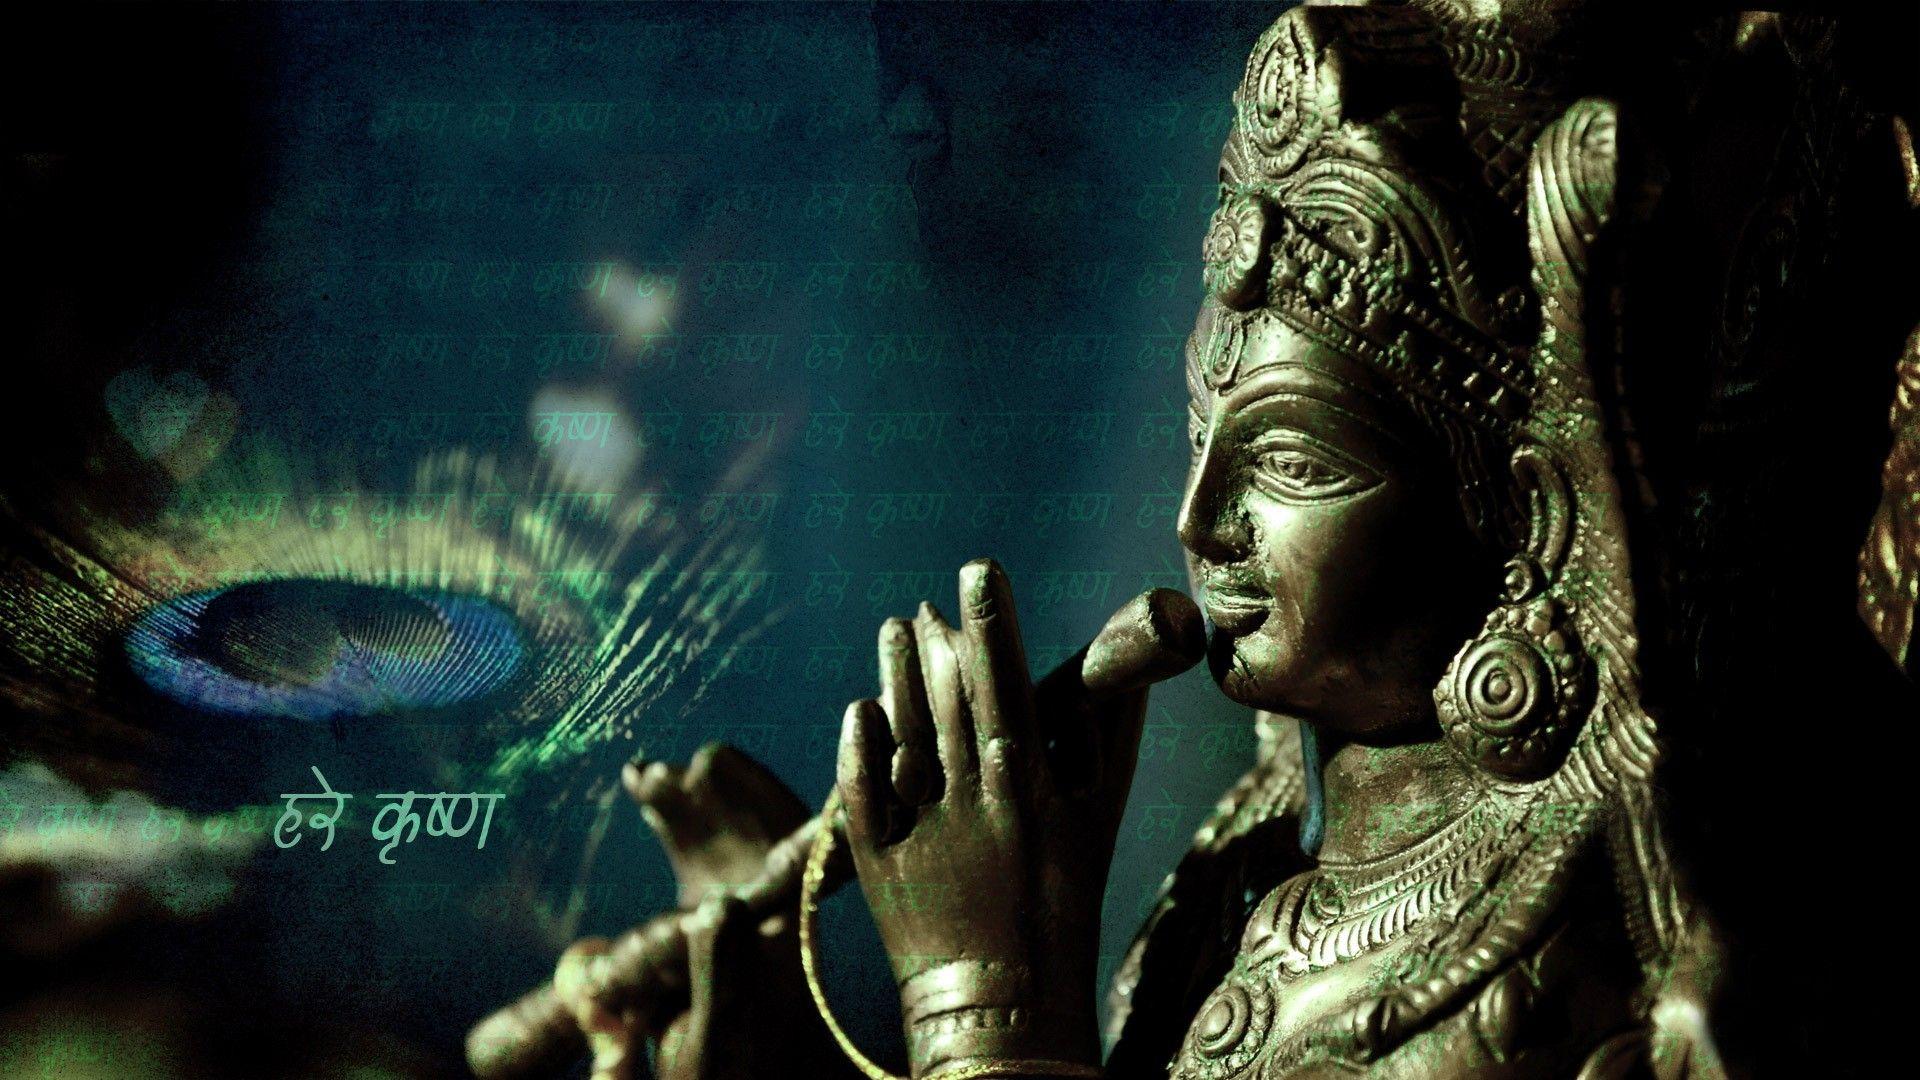 Black Wallpaper Hd P For Pc Lord Krishna Wallpapers Lord Krishna Lord Krishna Hd Wallpaper